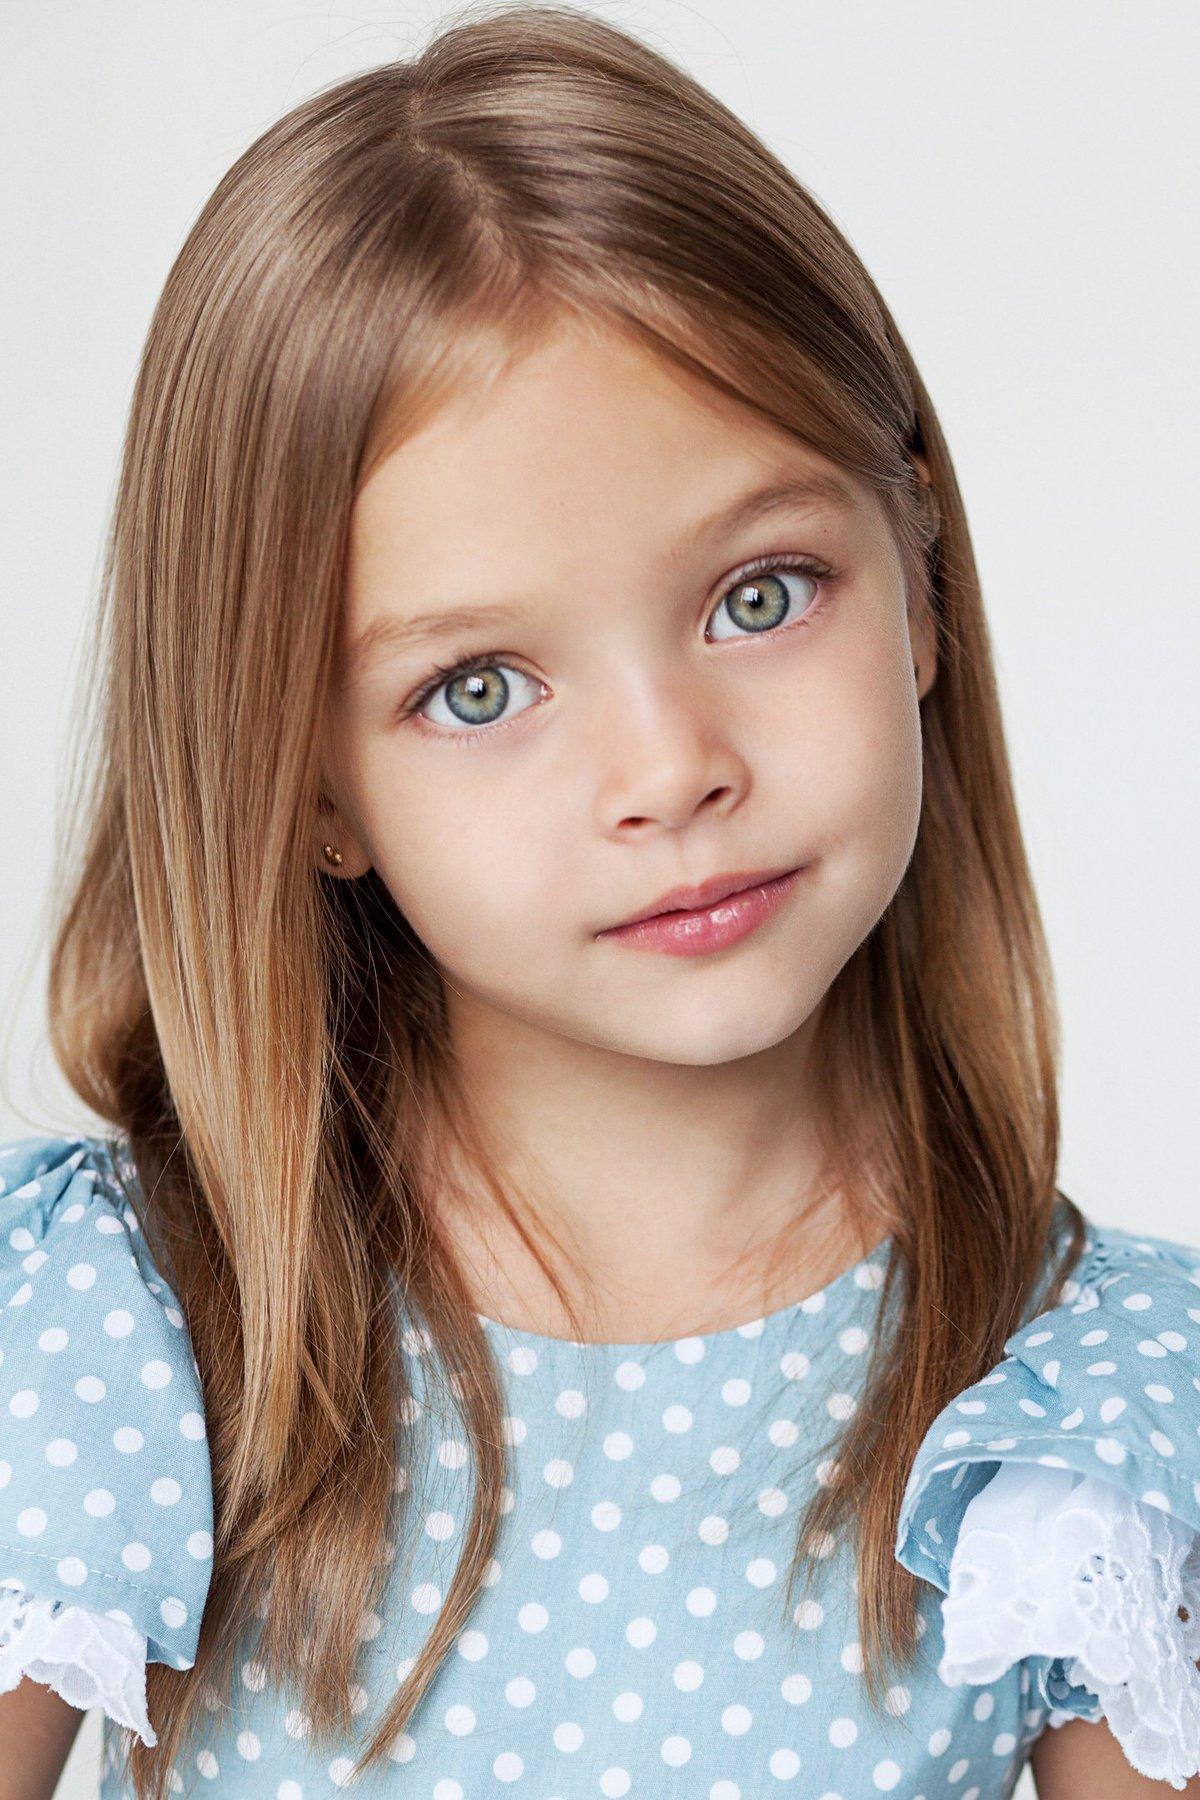 Самой красивой девочке картинки детские